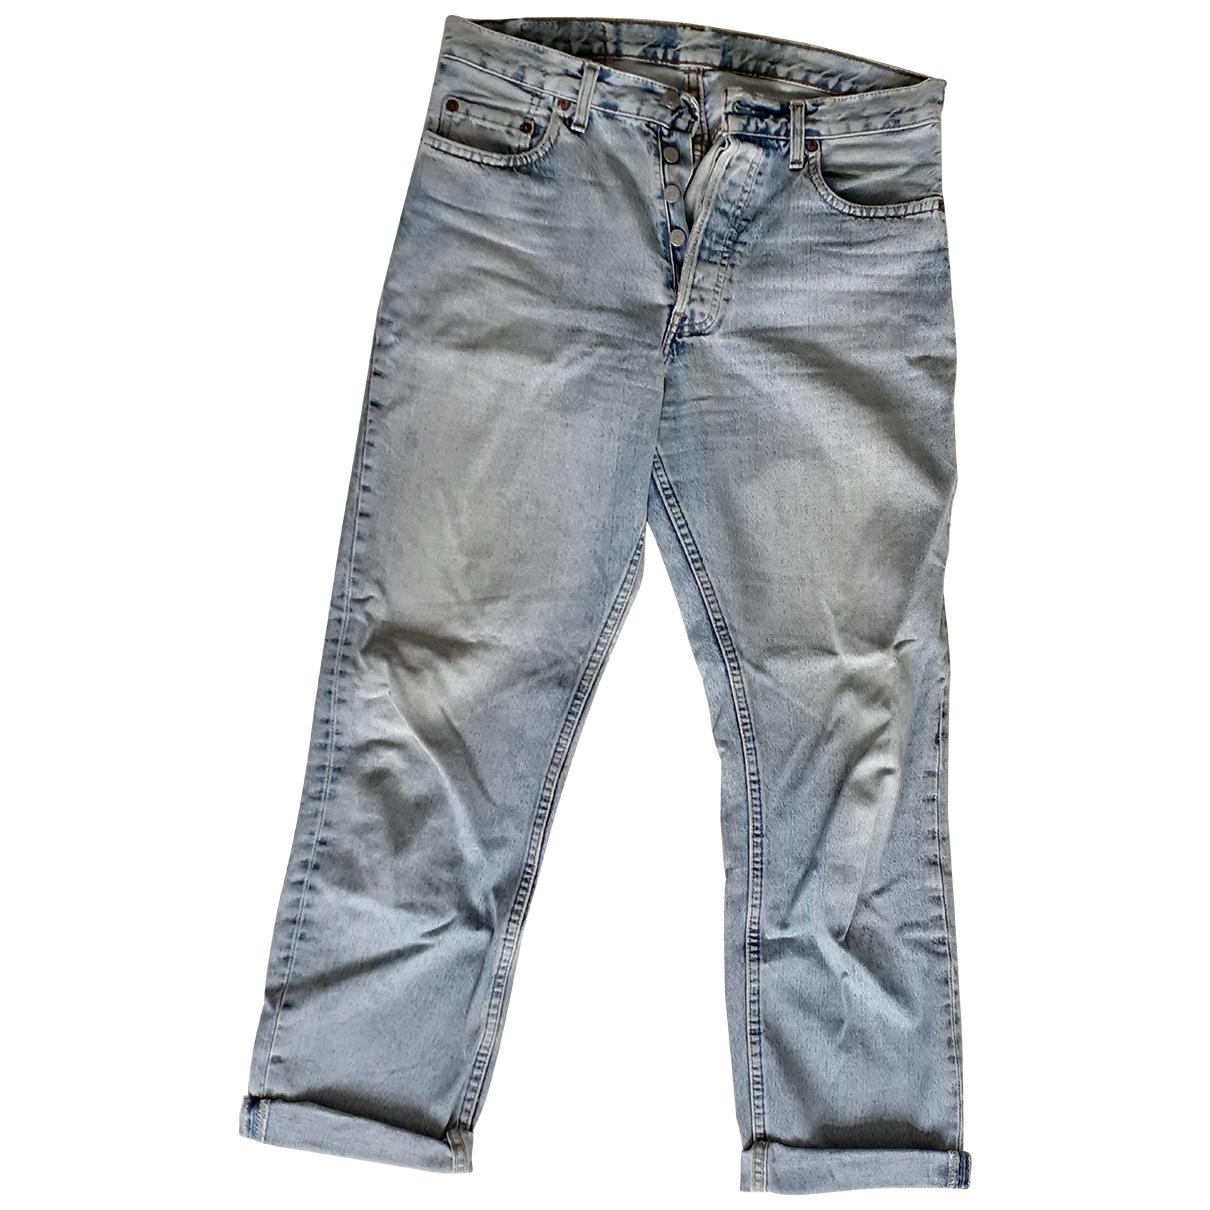 Levi's 501 Blue Denim - Jeans Jeans for Women 32 US